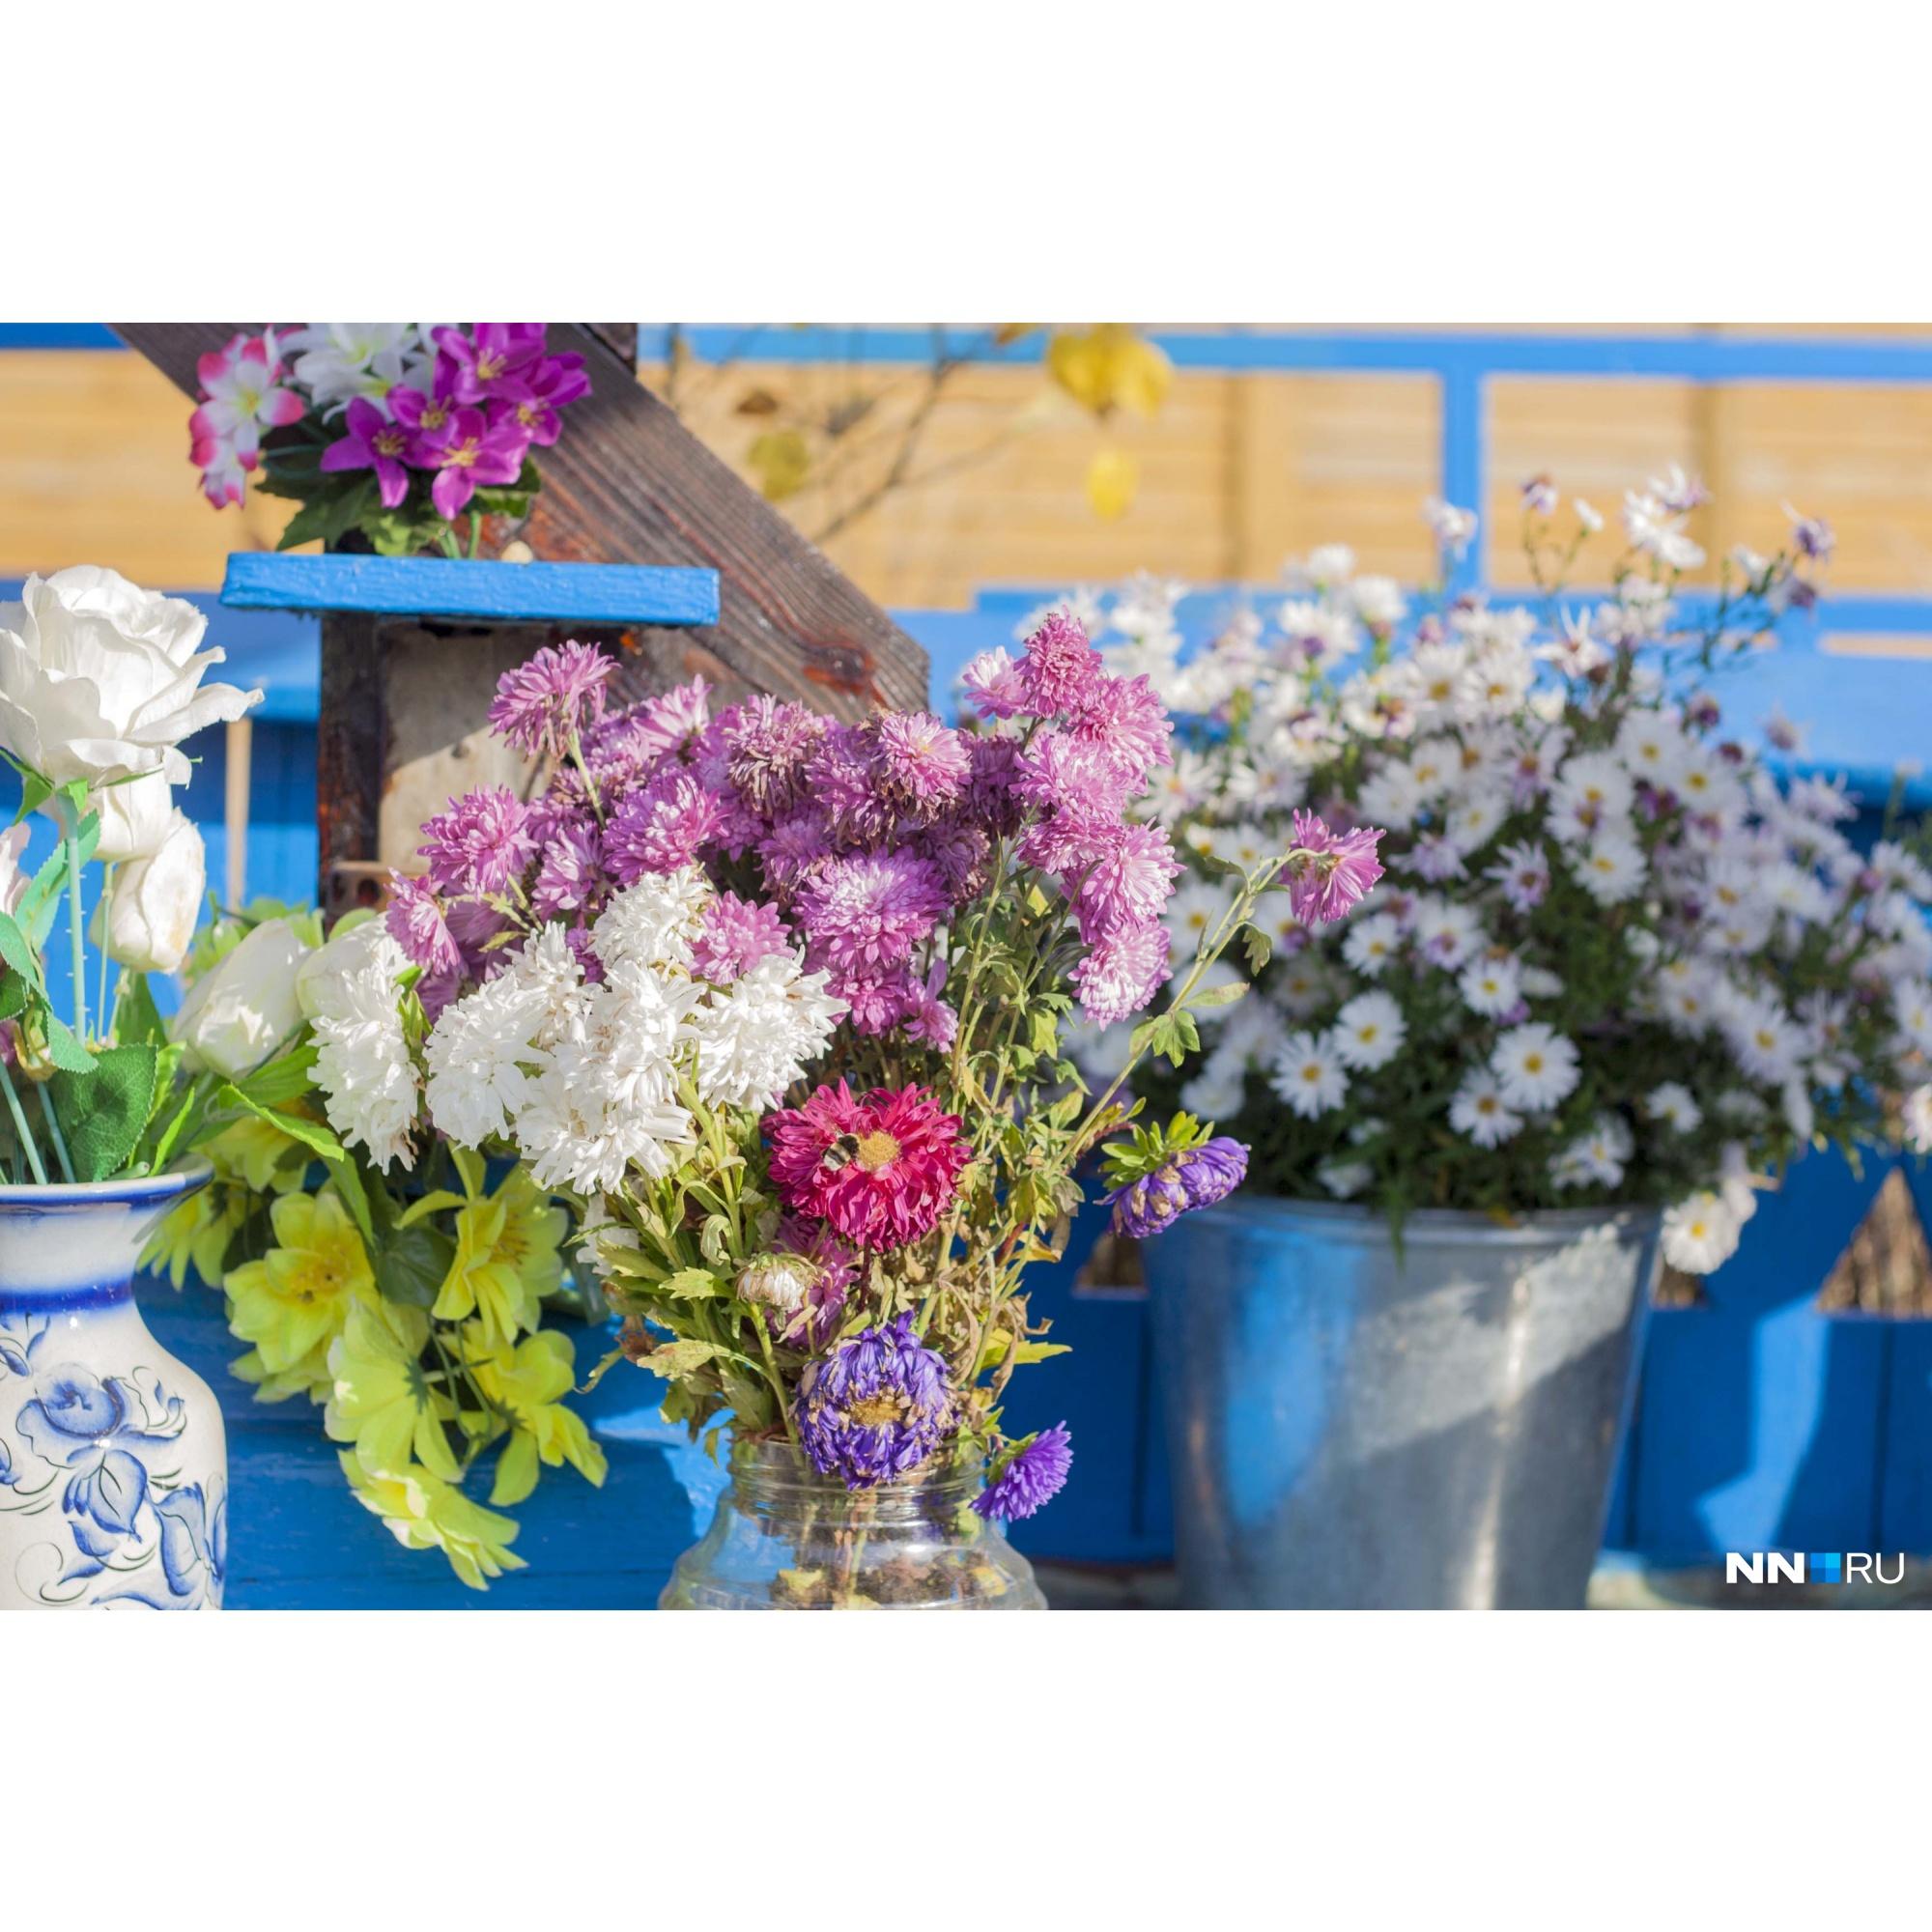 На месте — свежие цветы